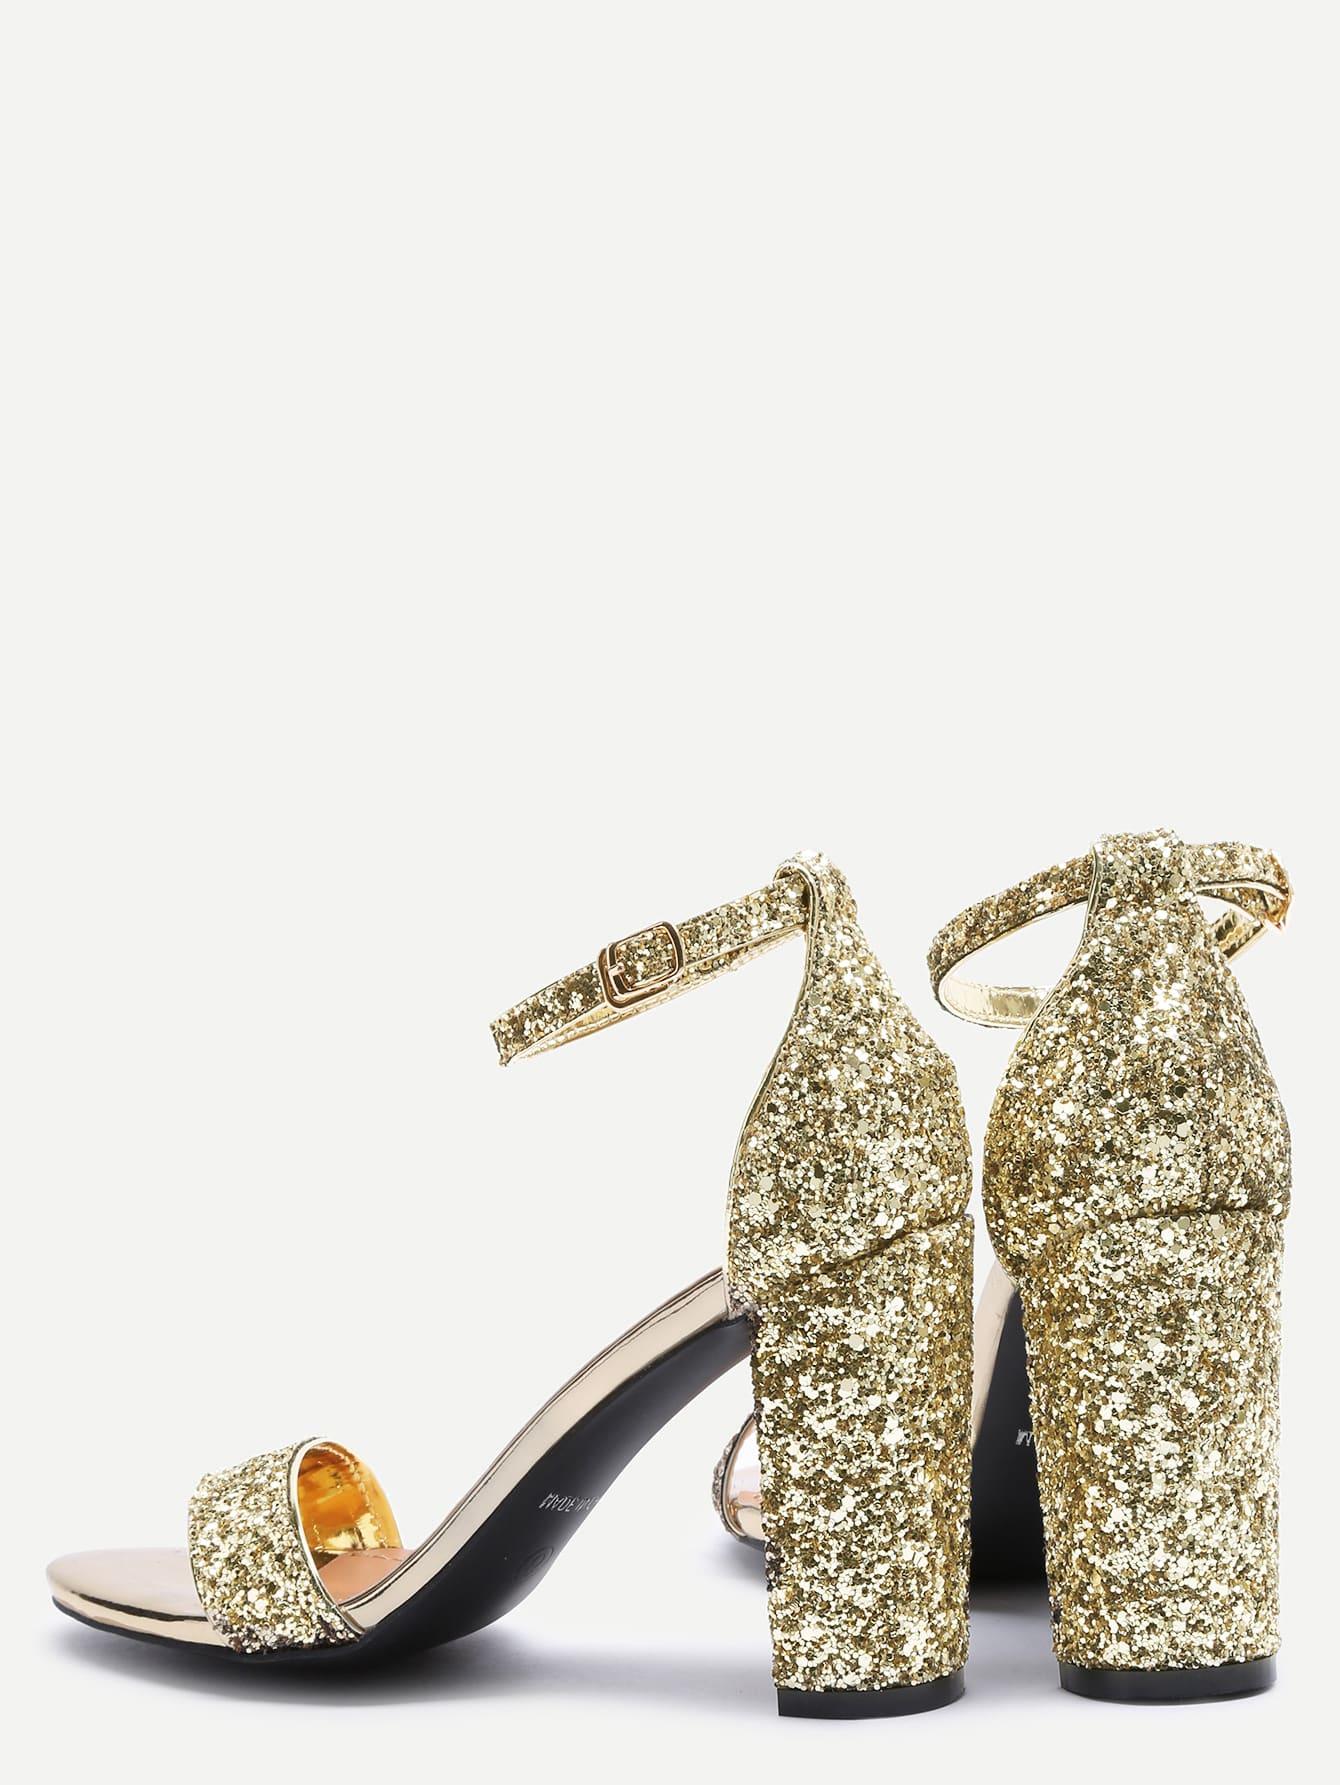 shoes161116802_2